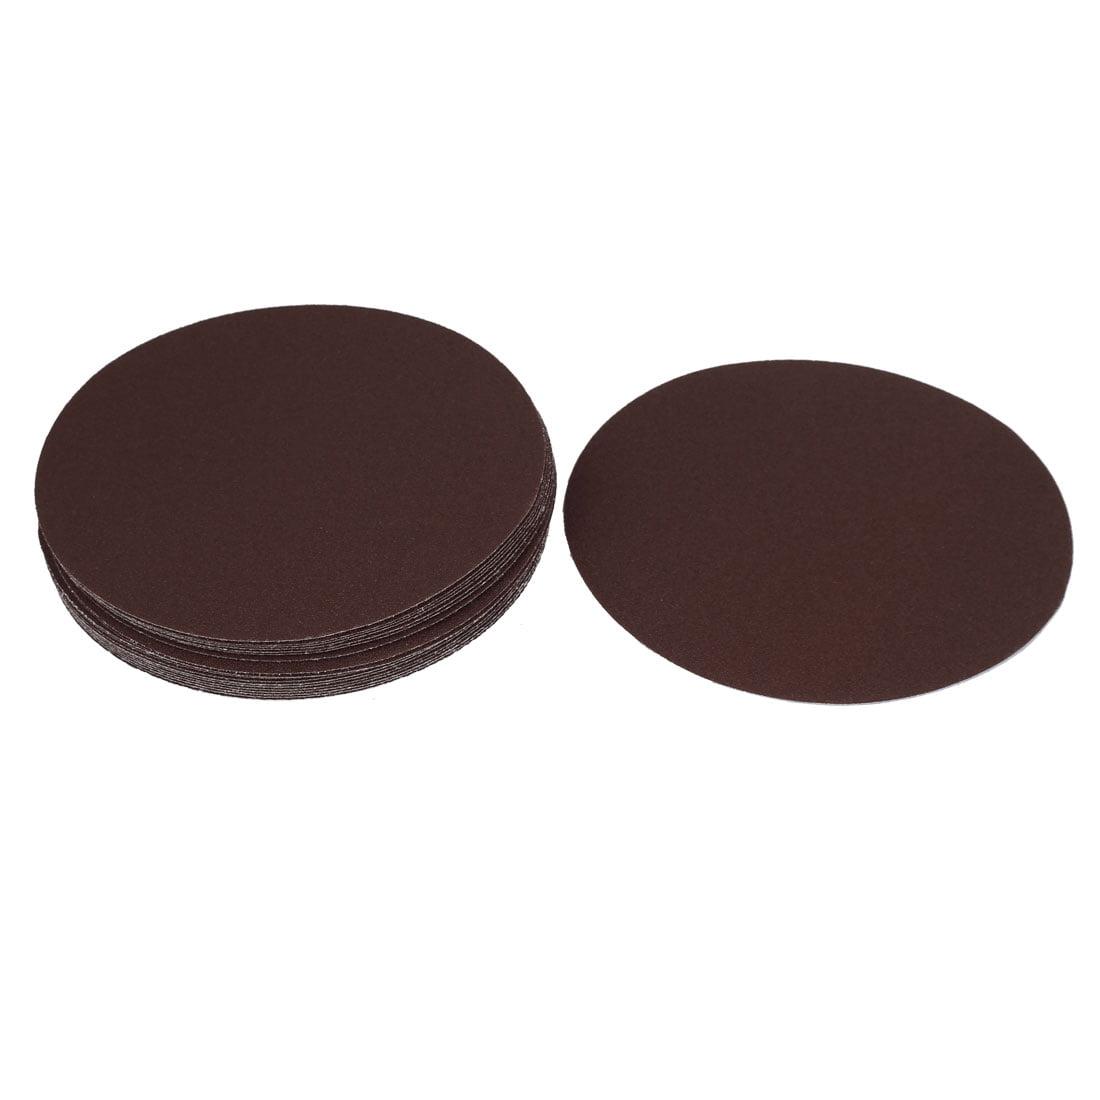 """7"""" Diamètre 100 poussiére pon age abrasifs disque Papier abrasif fin 20pcs pour outil oscillant - image 3 de 3"""